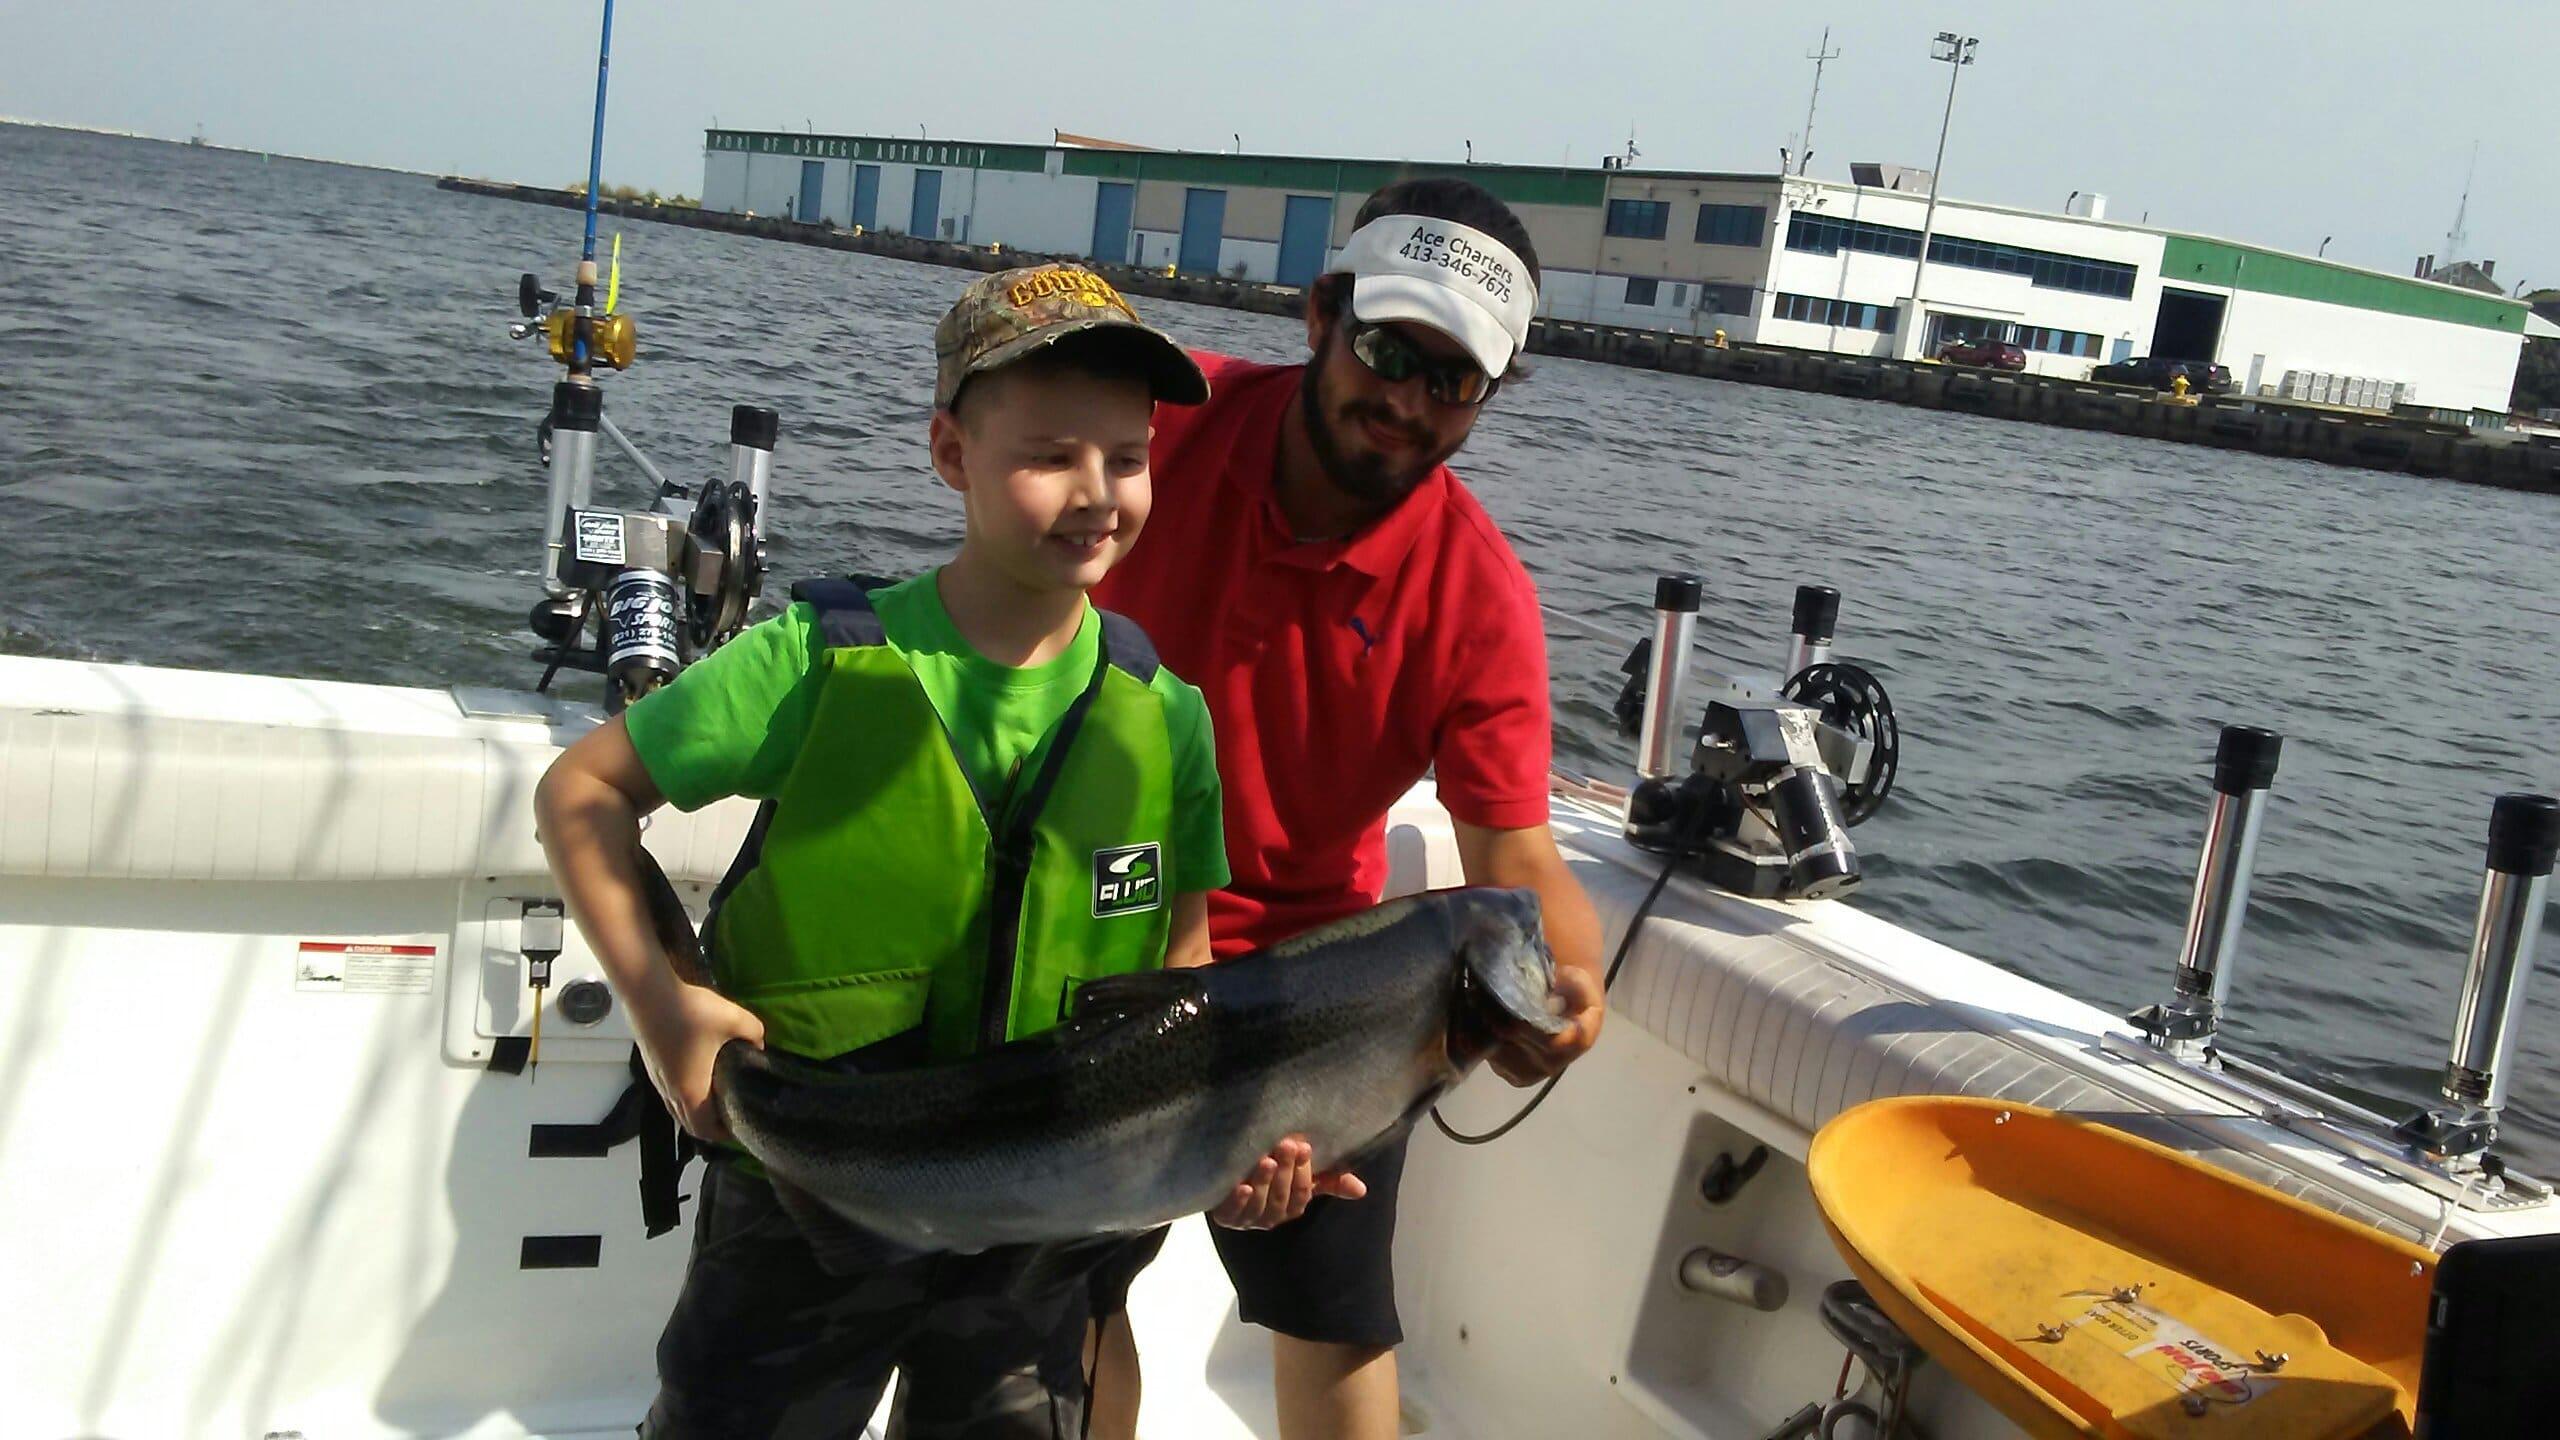 August salmon fishing on lake Ontario